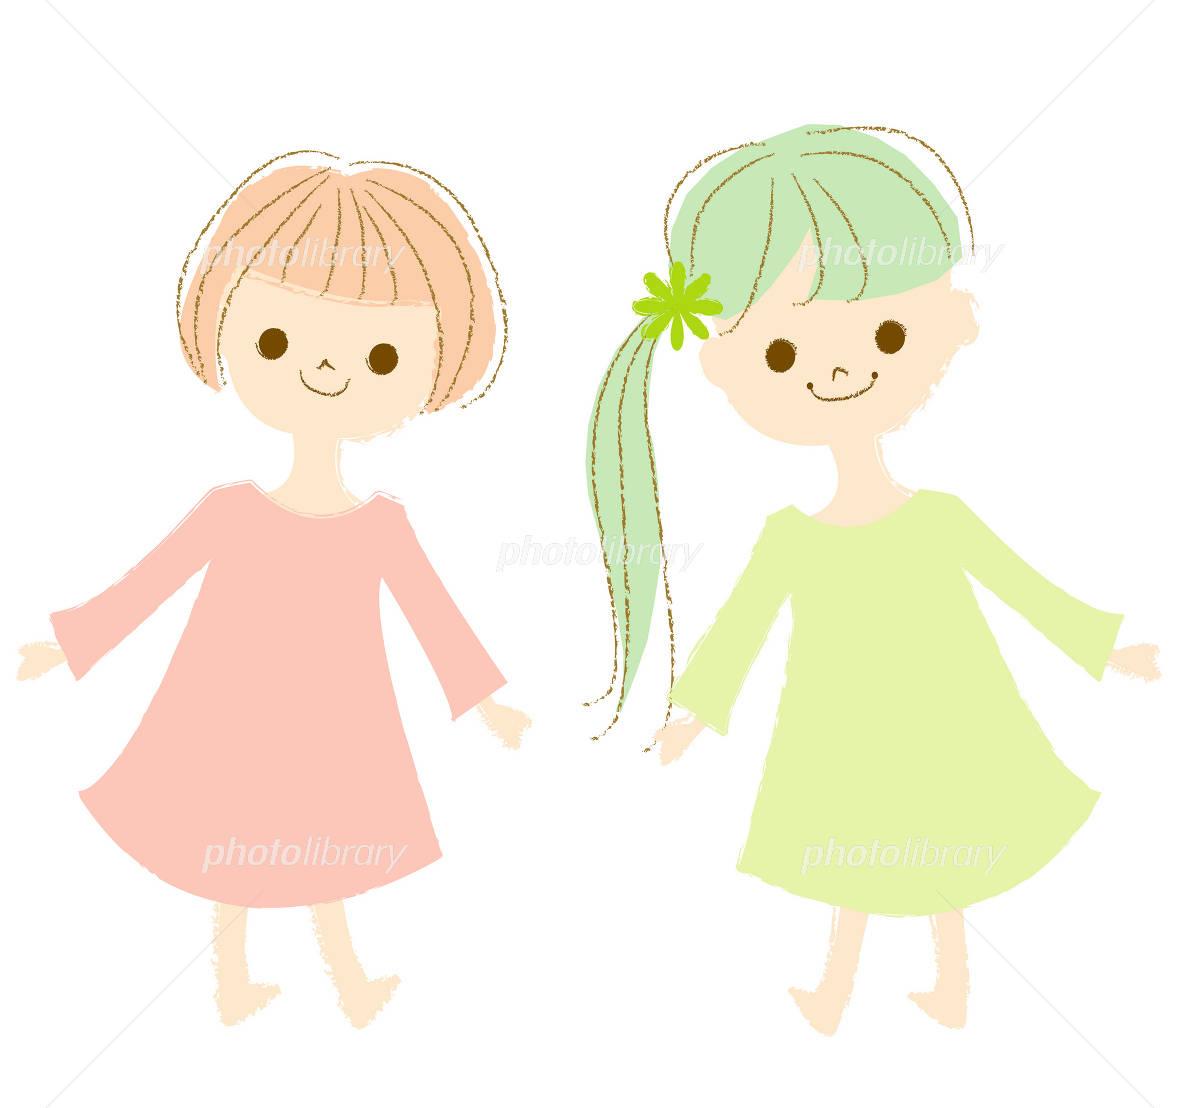 女の子二人 イラスト素材 710411 フォトライブラリー Photolibrary